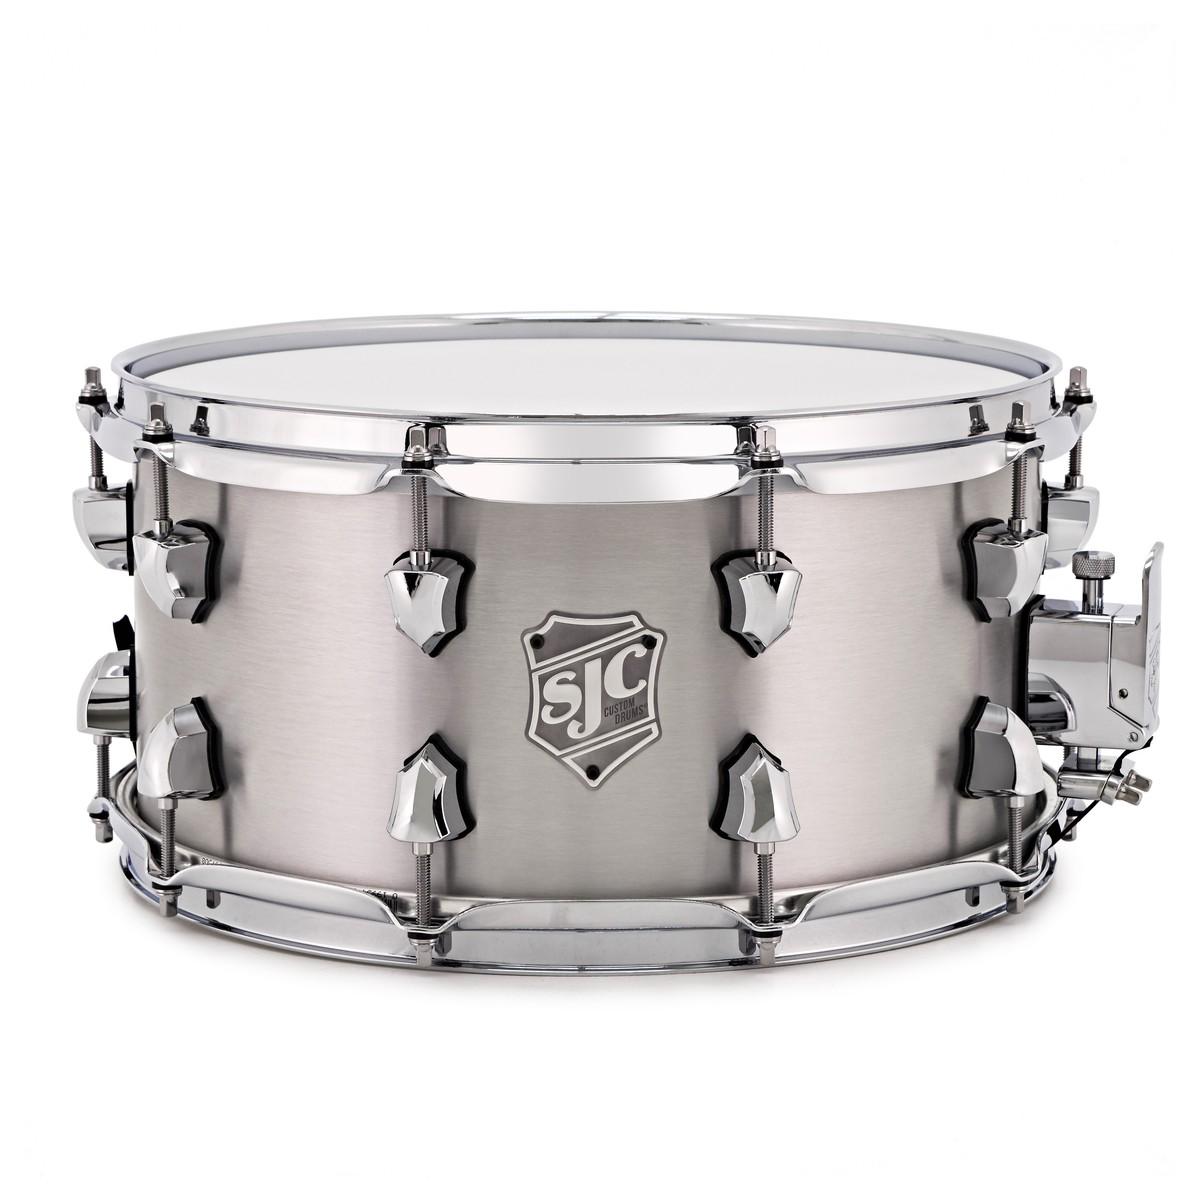 SJC Drums 14\'\' x 7\'\' Titan Snare Drum, Brushed Aluminium at ...